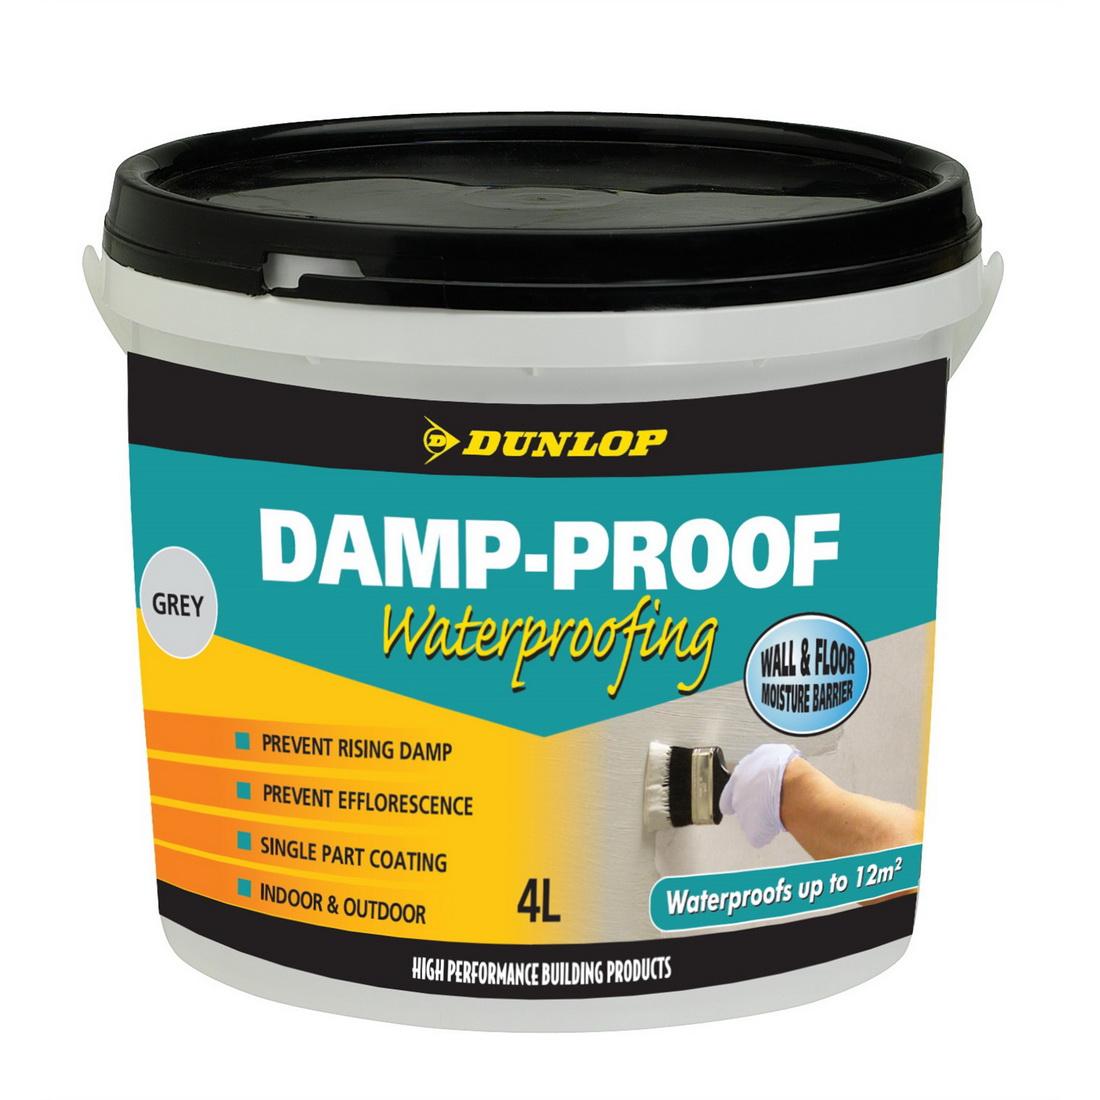 Damp-proof Waterproofing 4L